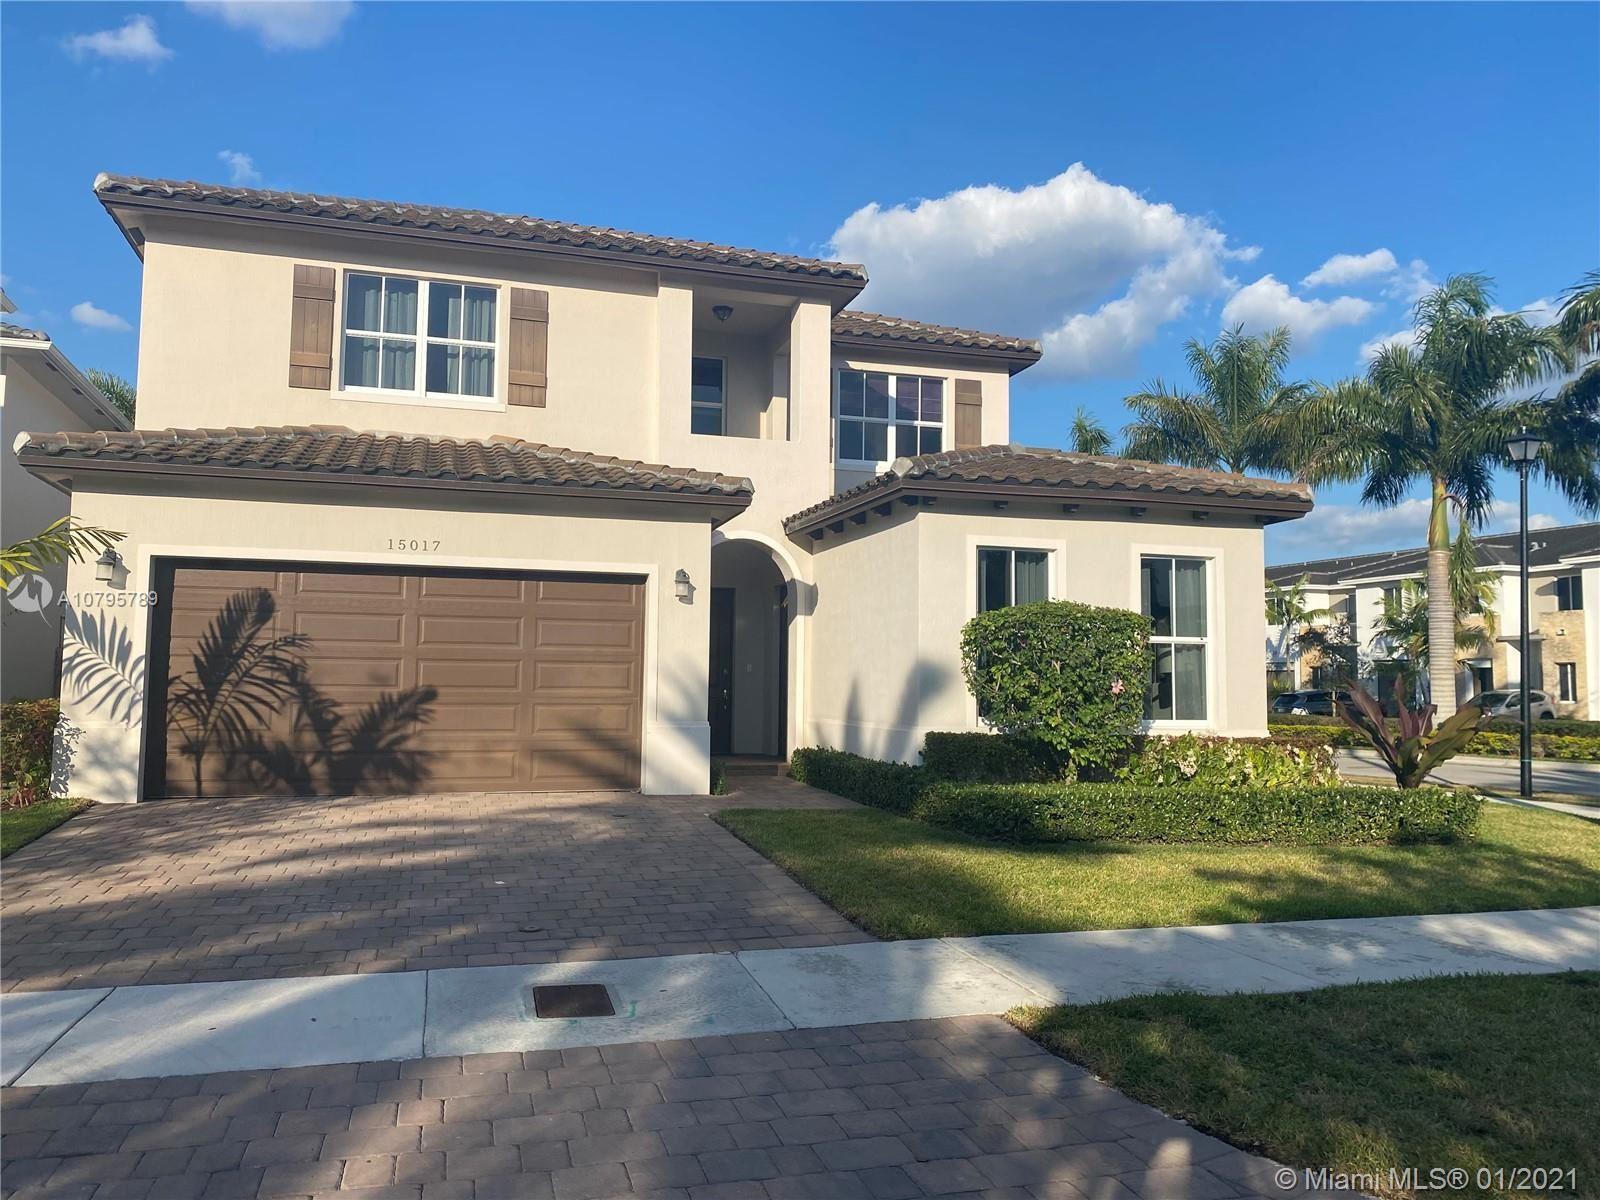 15017 SW 176th St, Miami, FL 33187 - #: A10795789